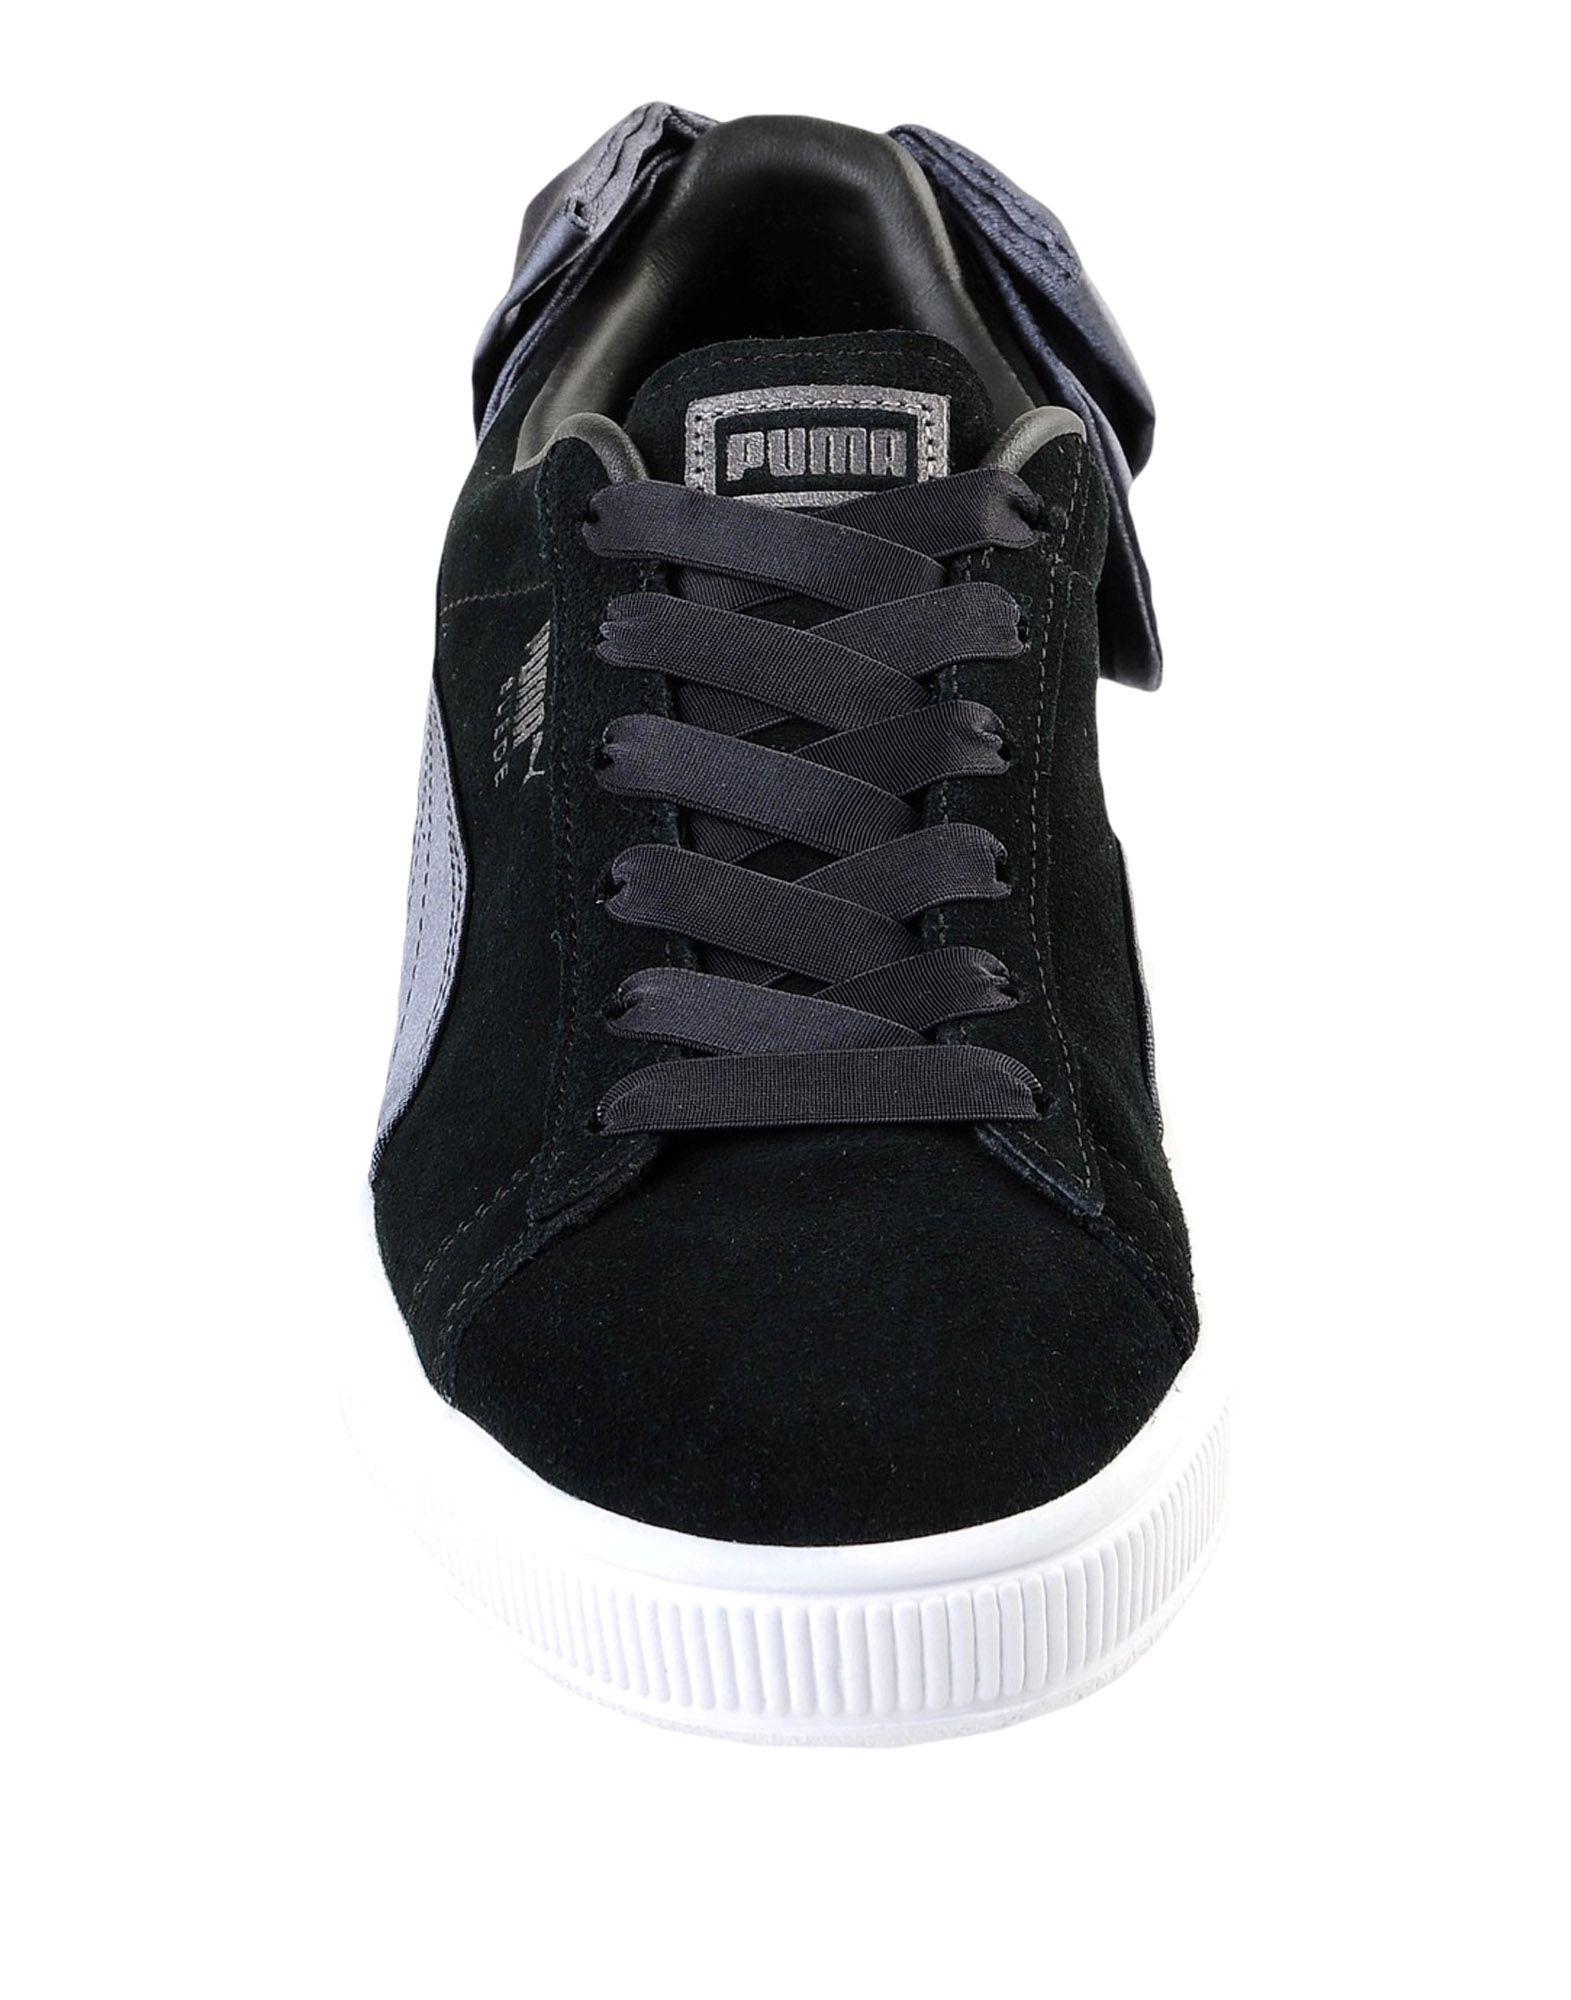 Puma Suede Bow Wn beliebte s Gate 11541435OB Gute Qualität beliebte Wn Schuhe dd2127